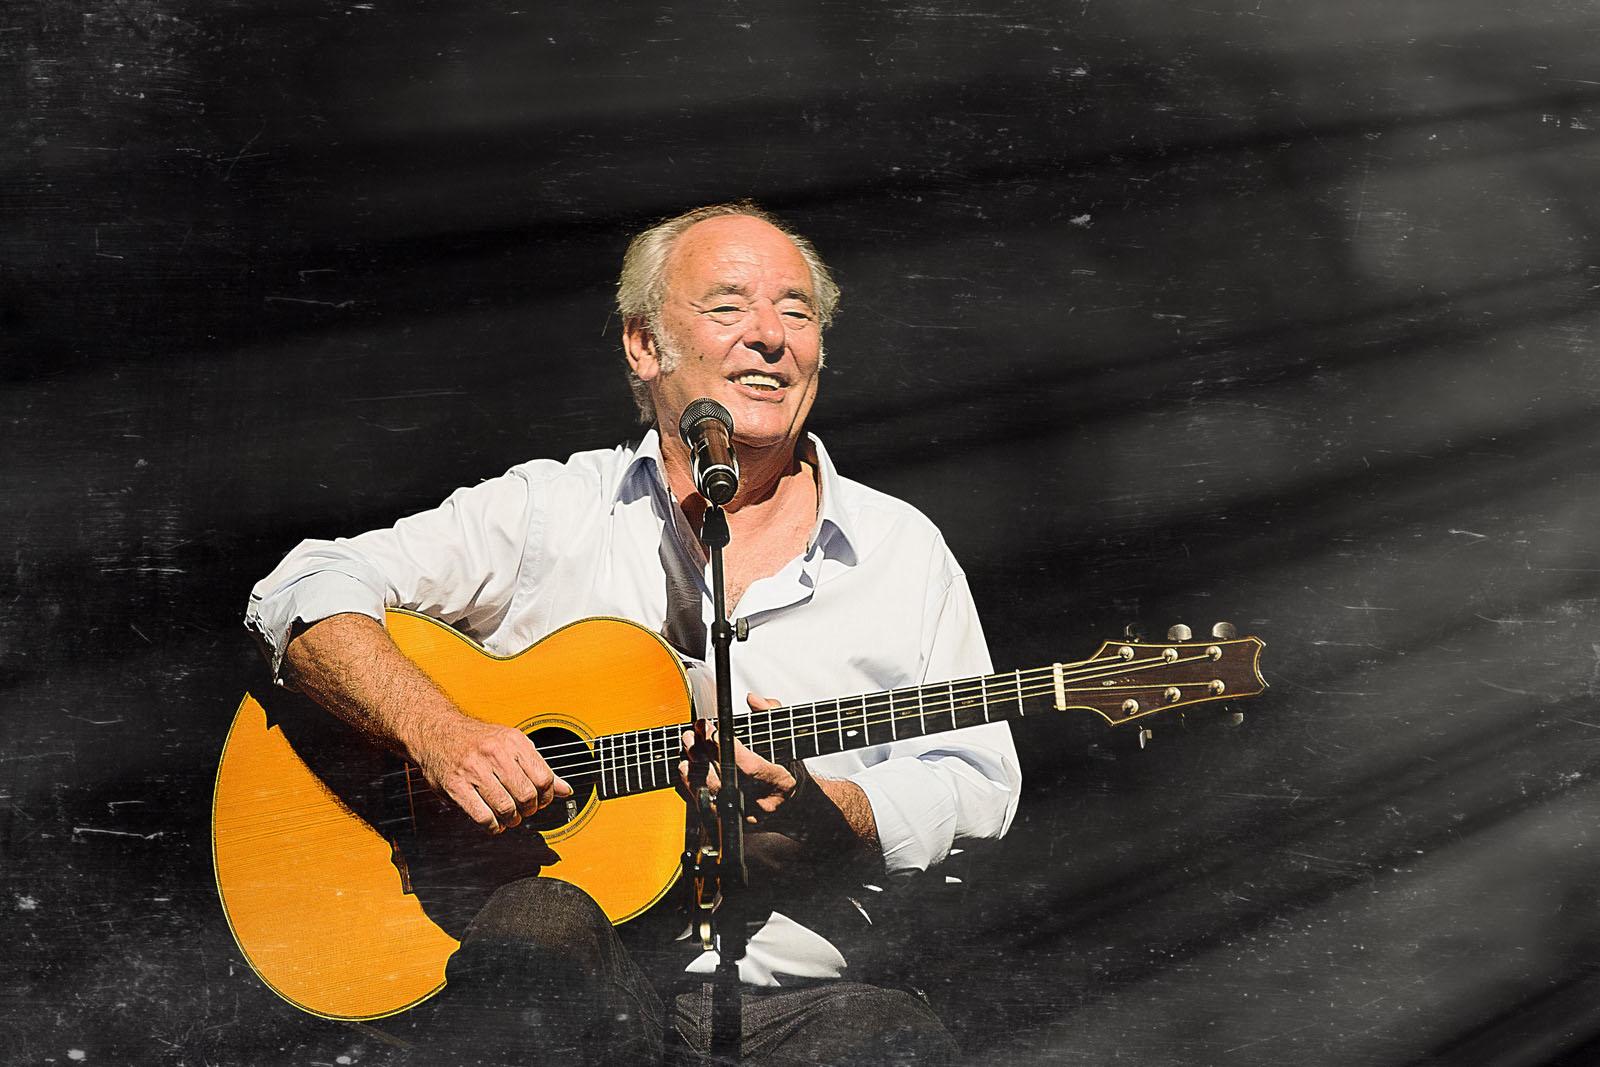 Maxime Le Forestier en concert au théâtre plein air de st-gilles à l'île de la Réunion avec SFR